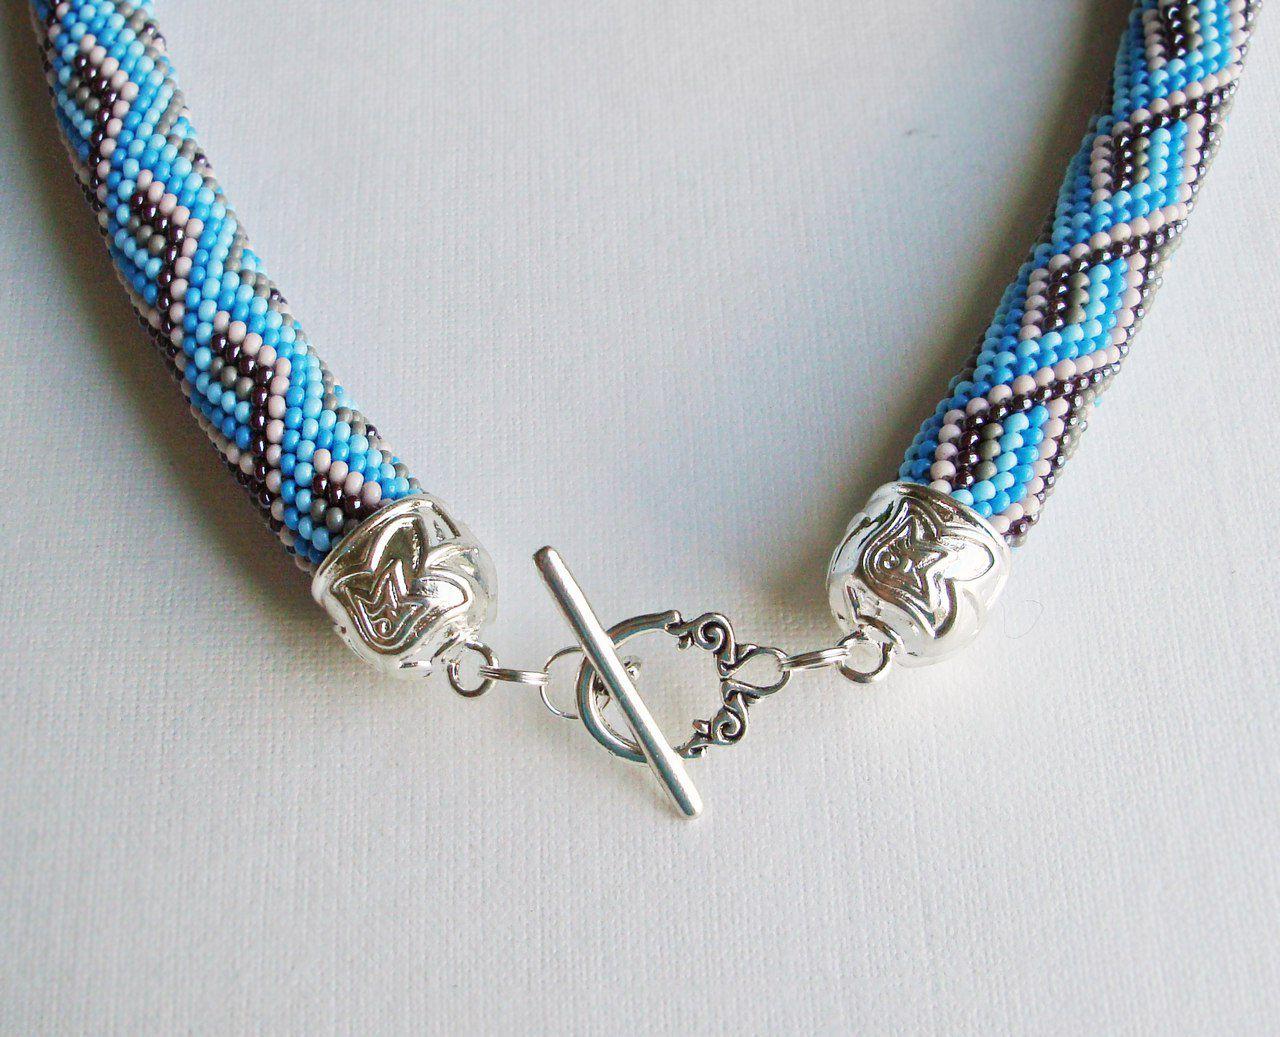 ожерелье вязаный женщине подарок жгут бисер жгуты жгутизбисера кольеизбисера украшение шею колье бисерный ошейник девушке